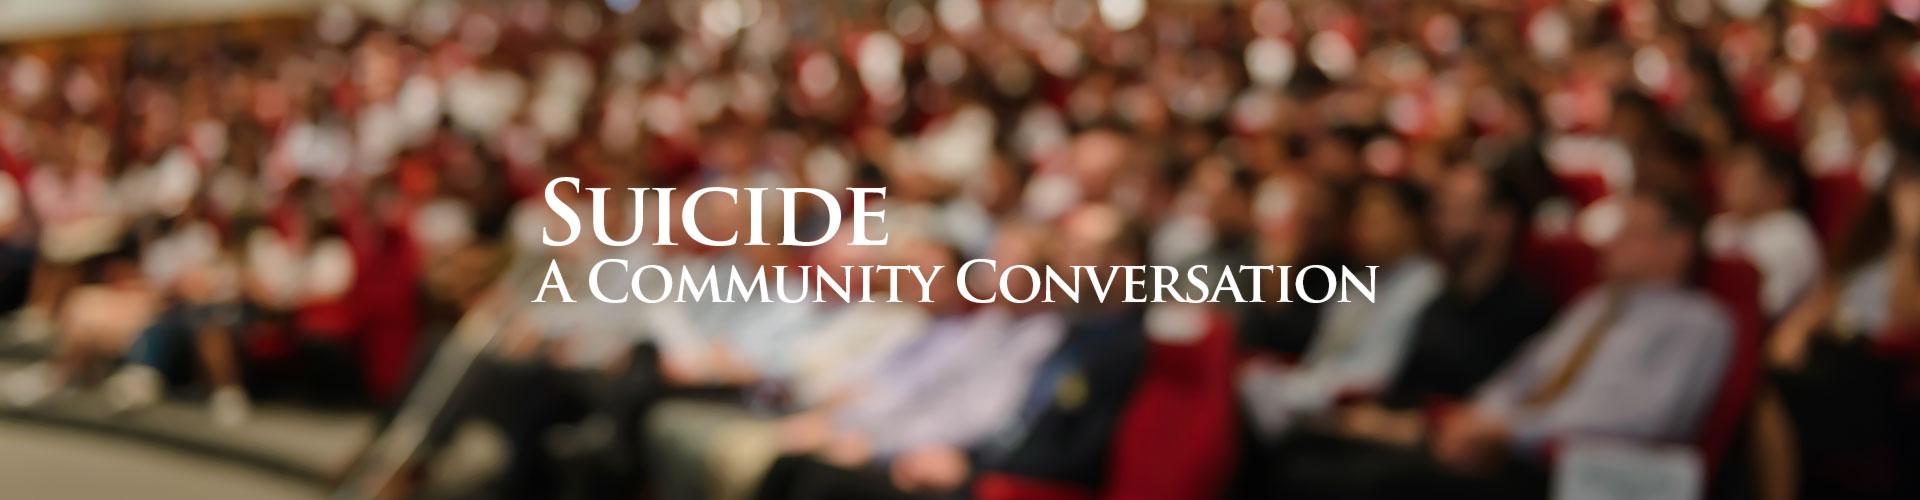 summit-homepage-slide-suicidecommunitydiscussion1